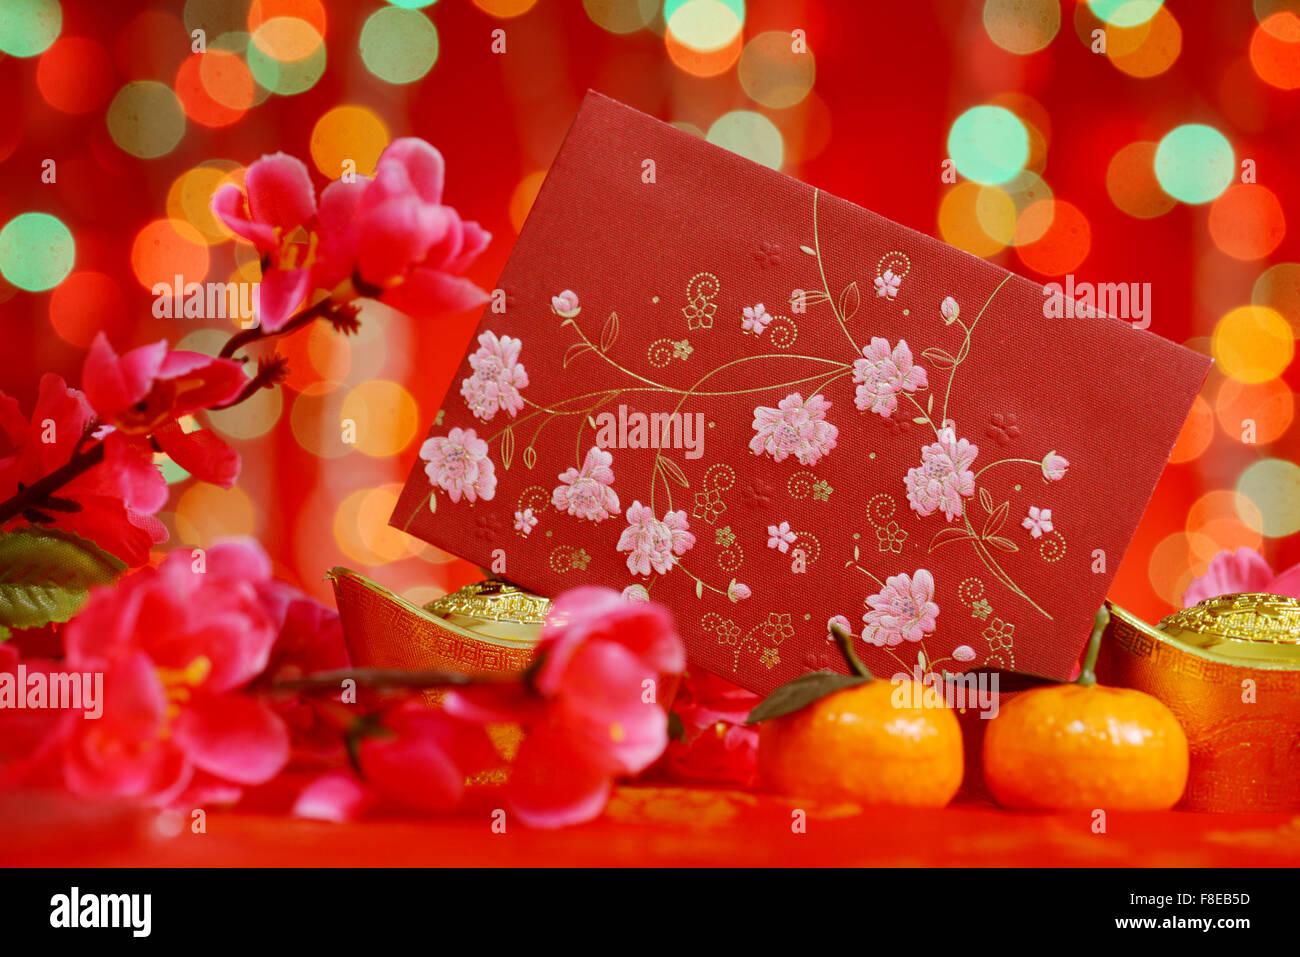 Chinesisches Neujahr Festival Dekorationen, rote Päckchen, Mandarine ...